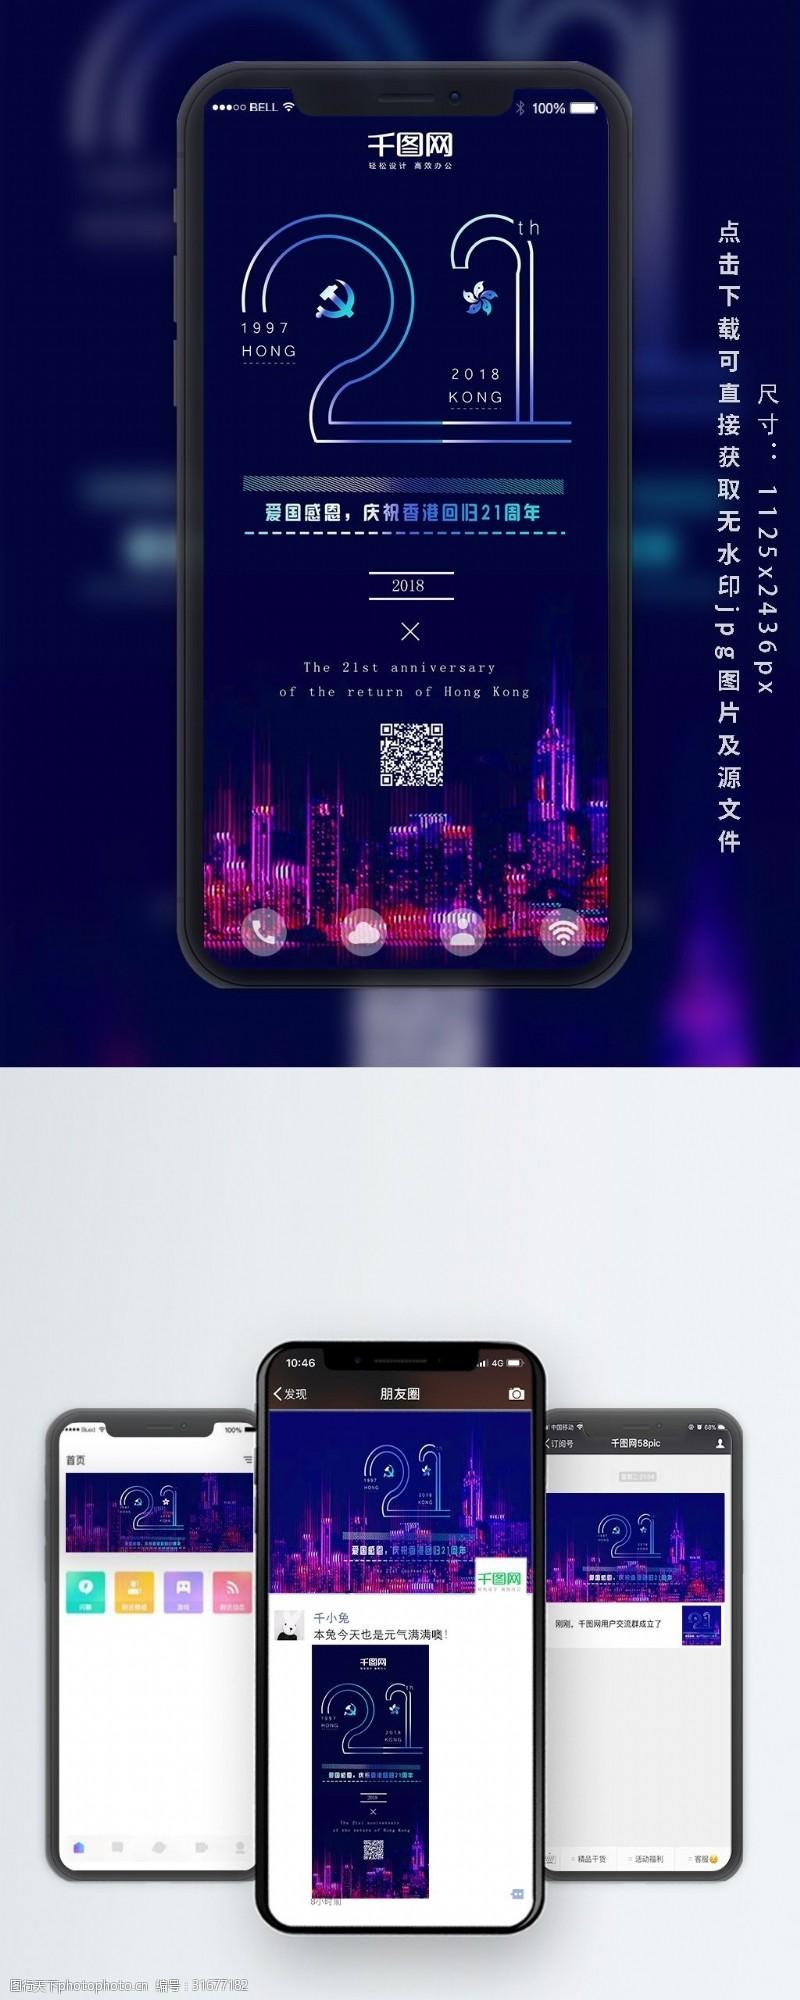 城市流光香港回归21周年纪念日微博微信宣传海报